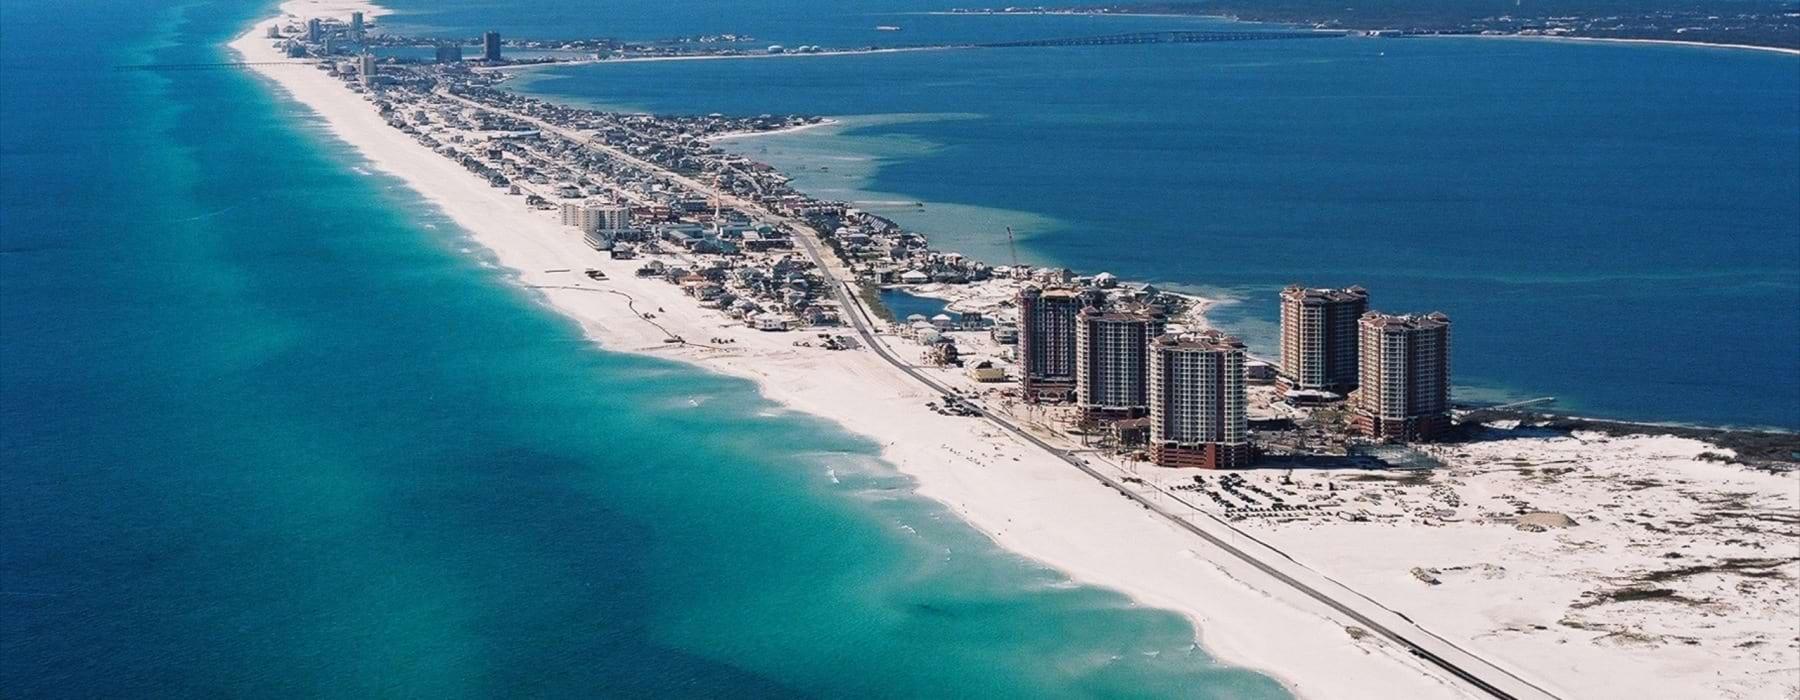 view of Pensacola Beach, Florida